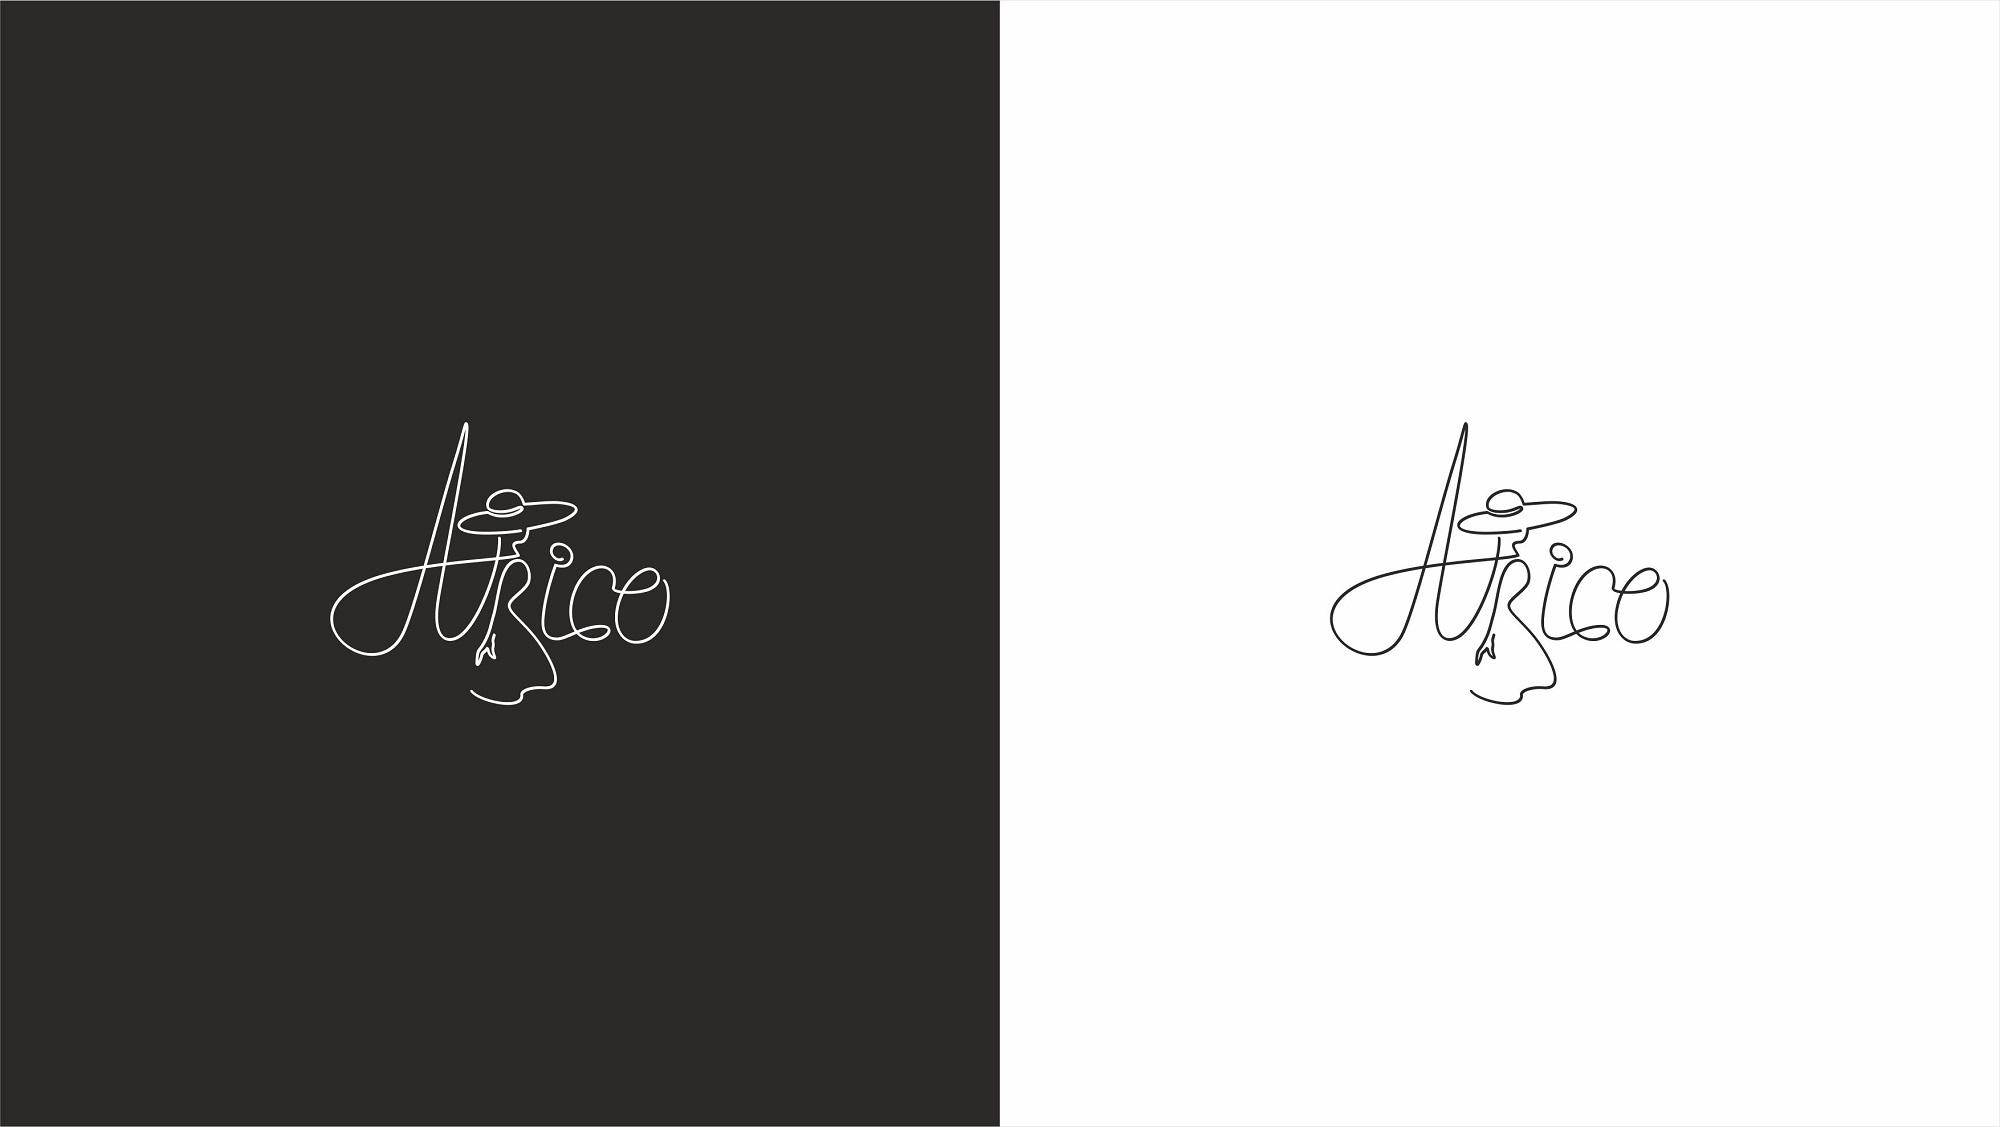 Логотип для брендовой пряжи и трикотажной одежды фото f_566600724e93d30a.jpg